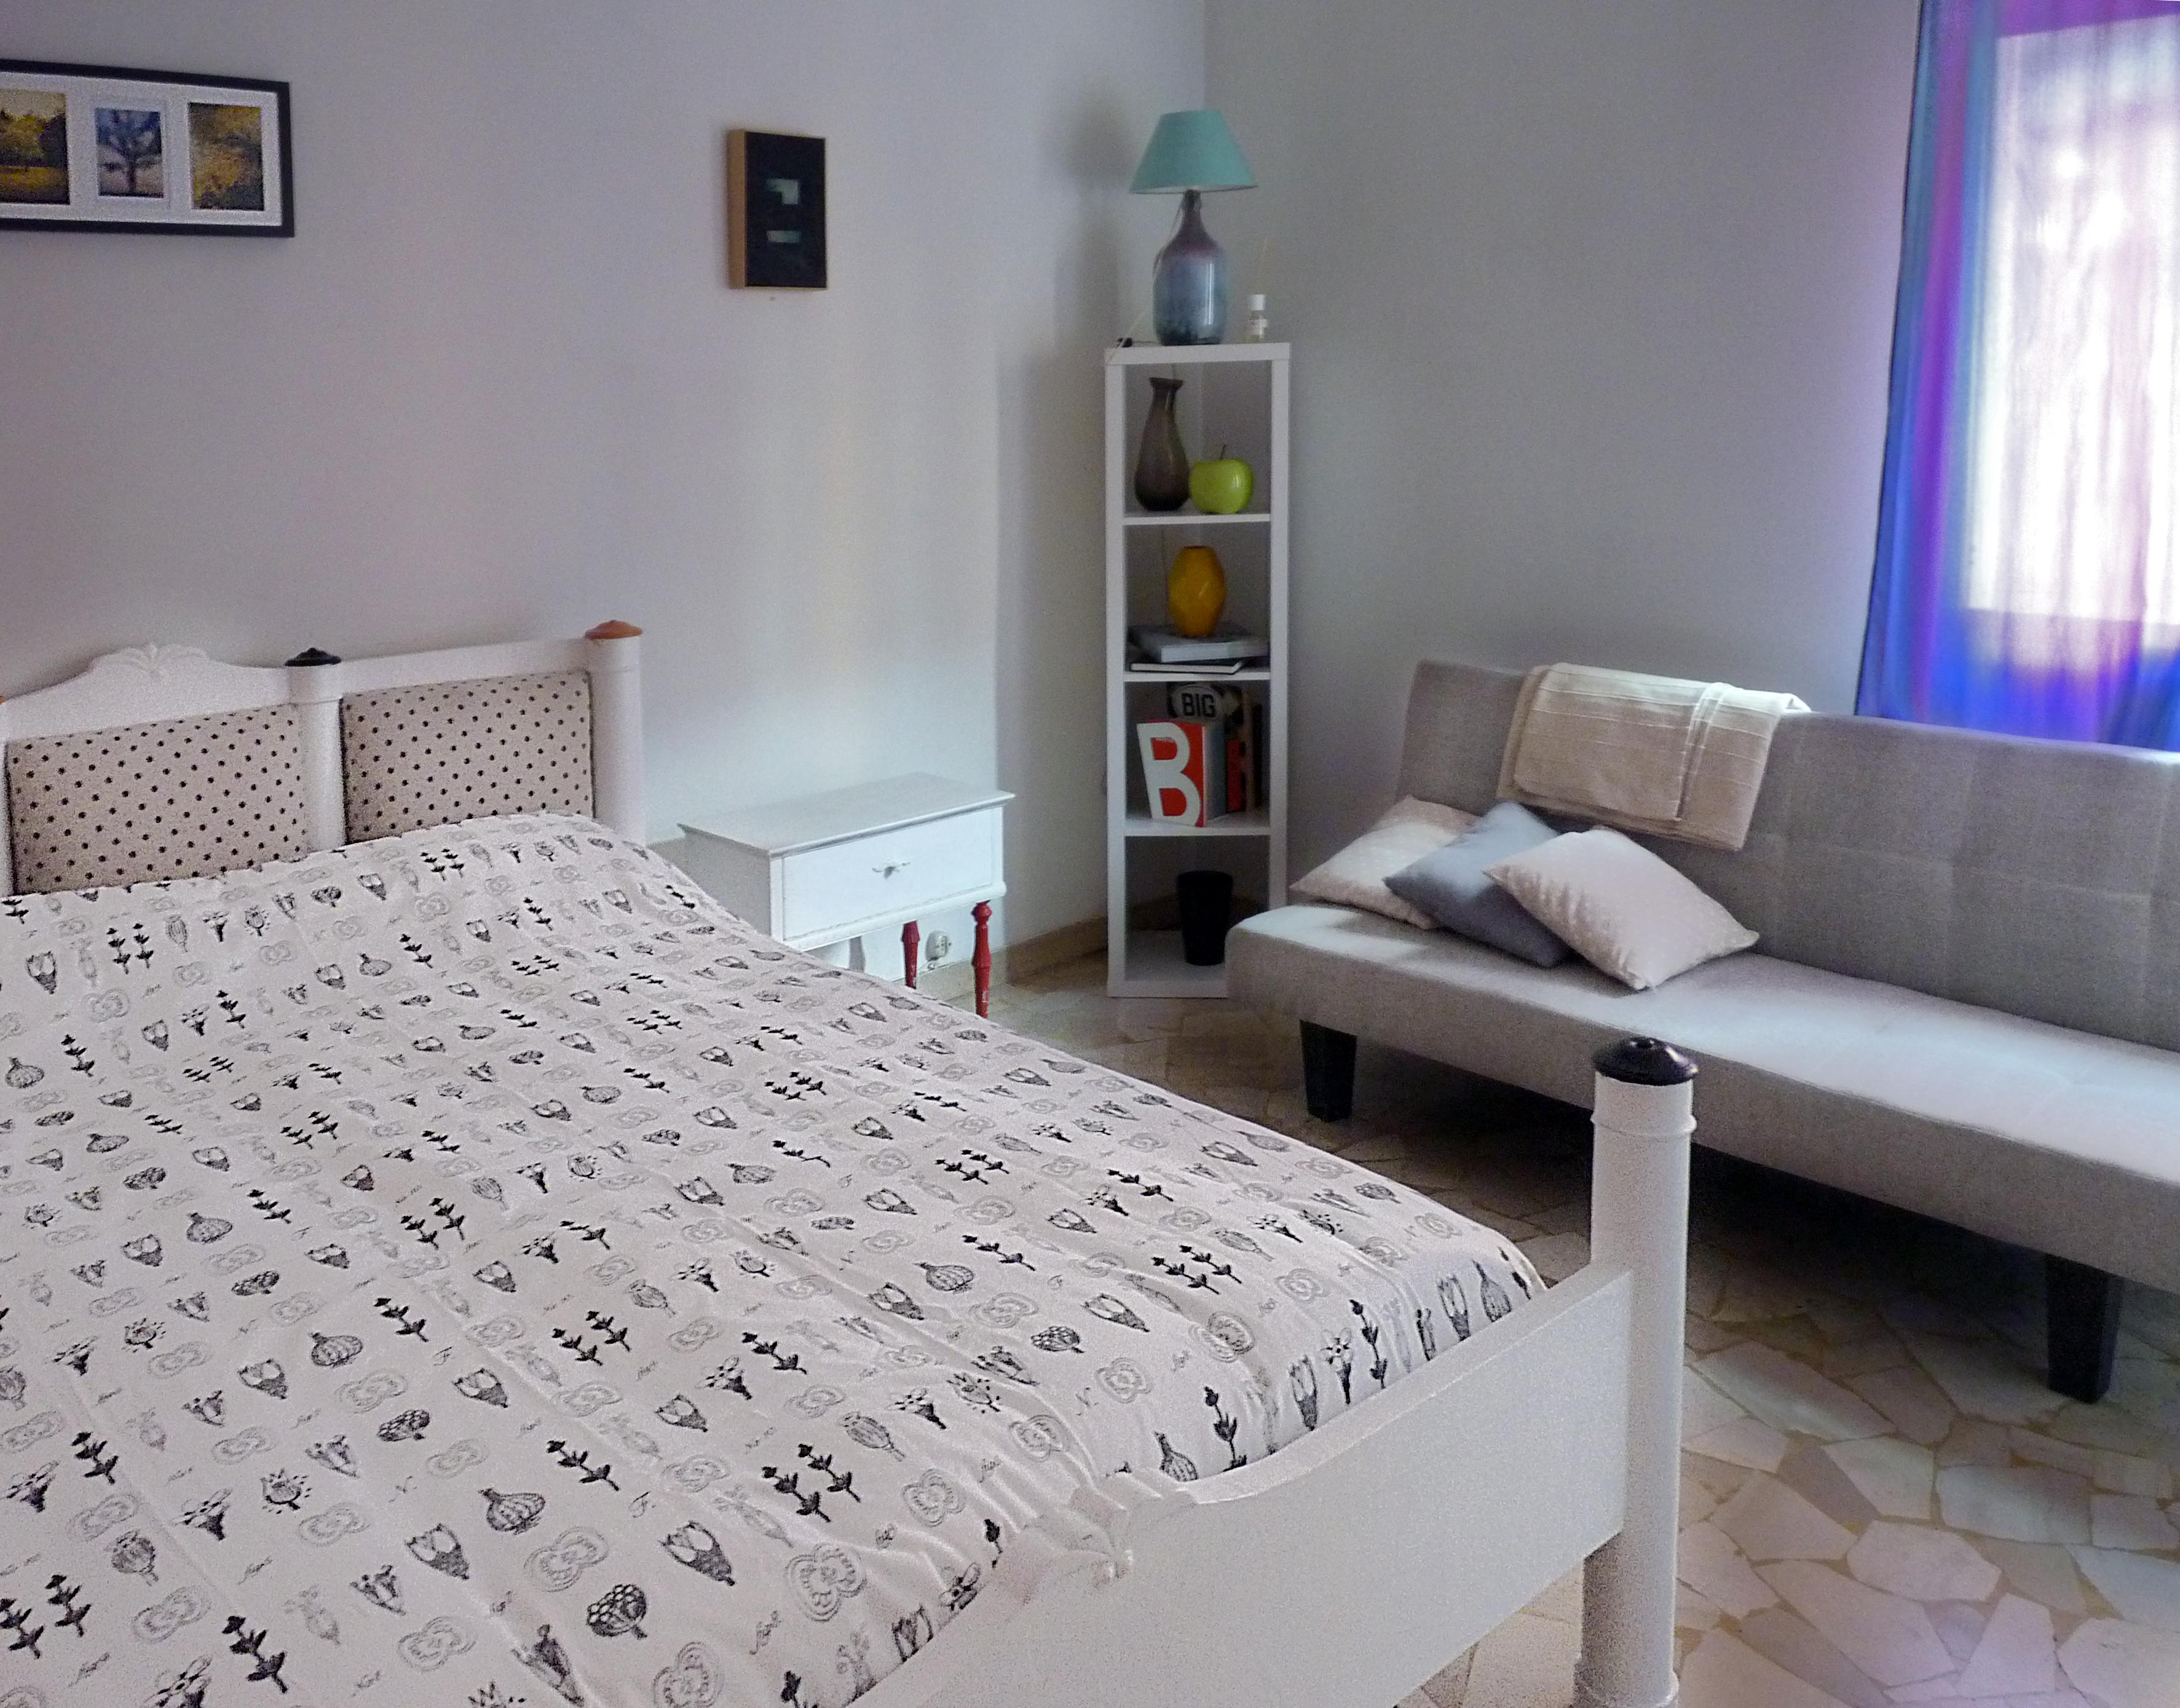 Come Allestire Un B&b super comfort b&b : 2, 3 guests ideal location - apartments